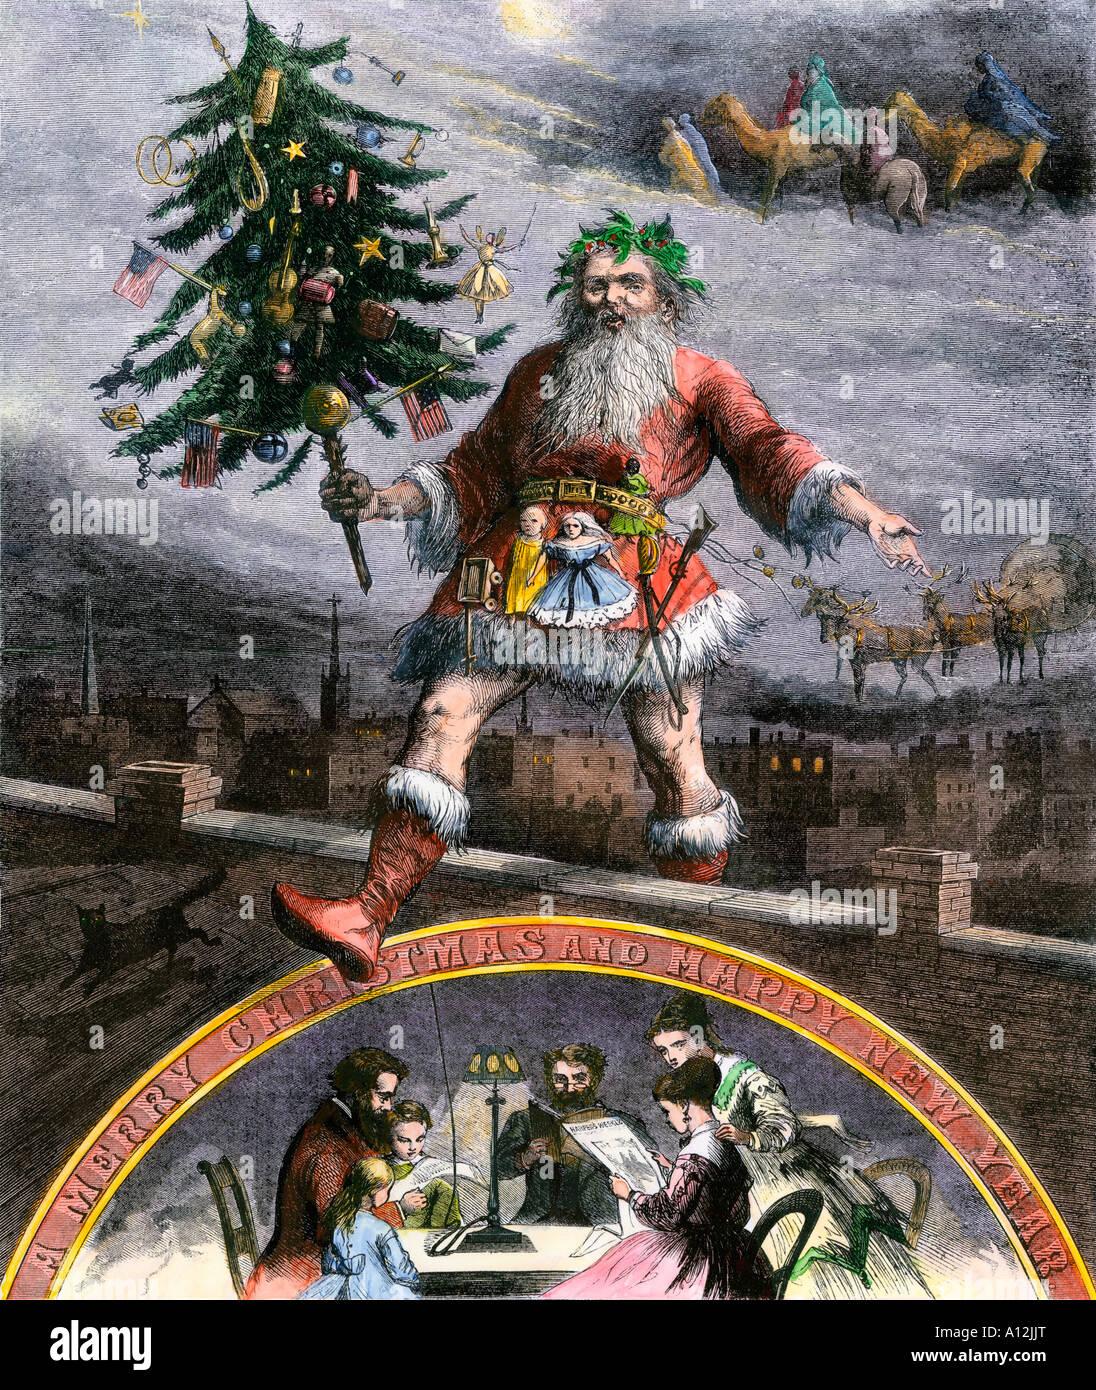 Santa Claus auf einem Dach mit einem geschmückten Weihnachtsbaum 1860. Hand - farbige Holzschnitt von Thomas Stockbild